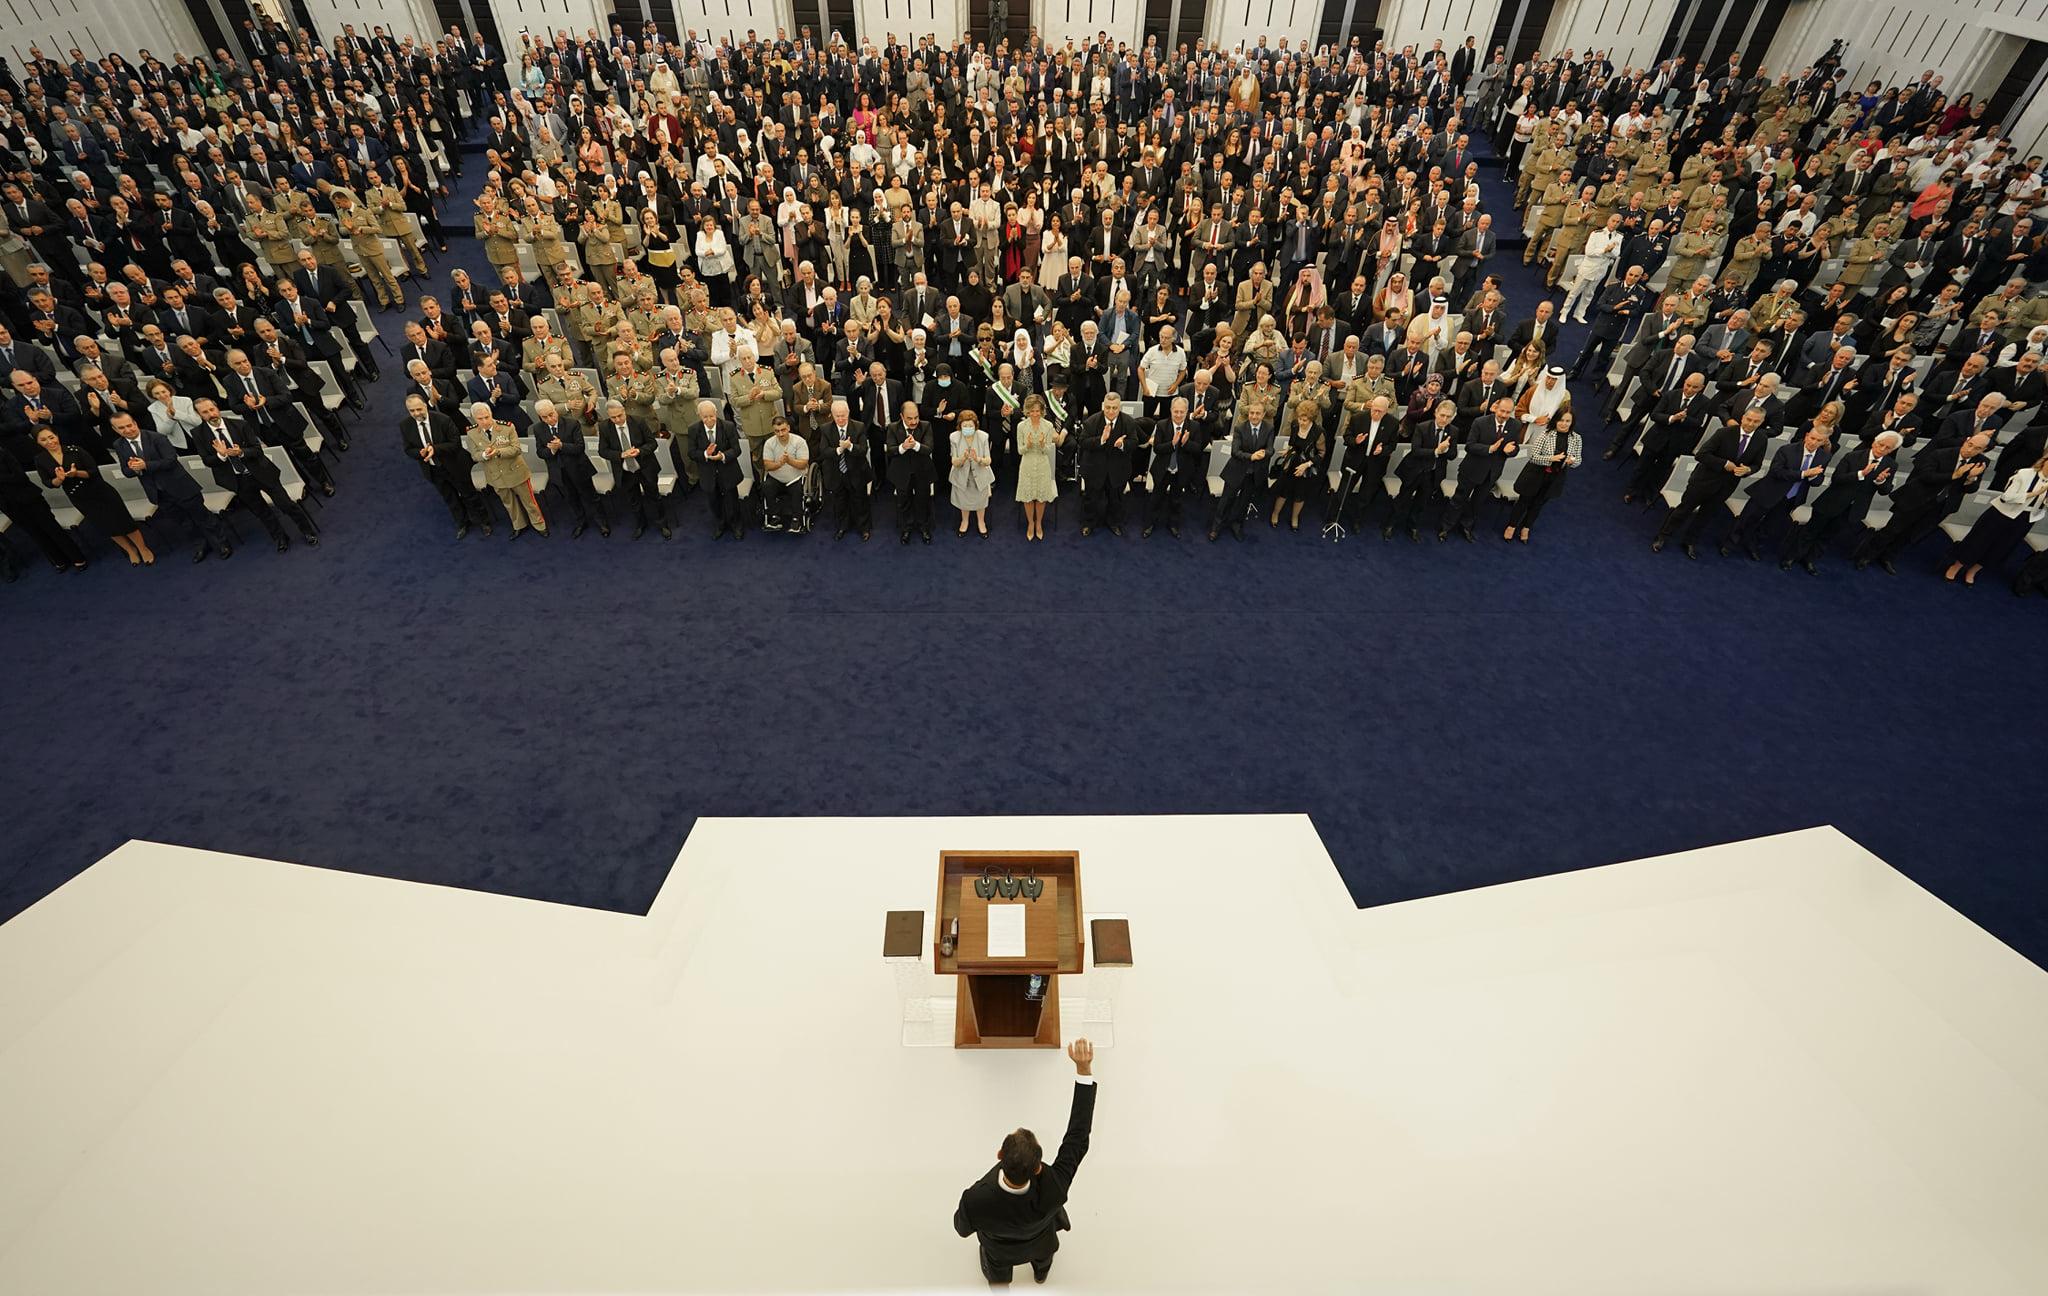 """رئيس النظام السوري، بشار الأسد، لحظة تأدية """"اليمين الدستورية"""" في قصر الشعب - 17 من تموز 2021 (رئاسة الجمهورية)."""